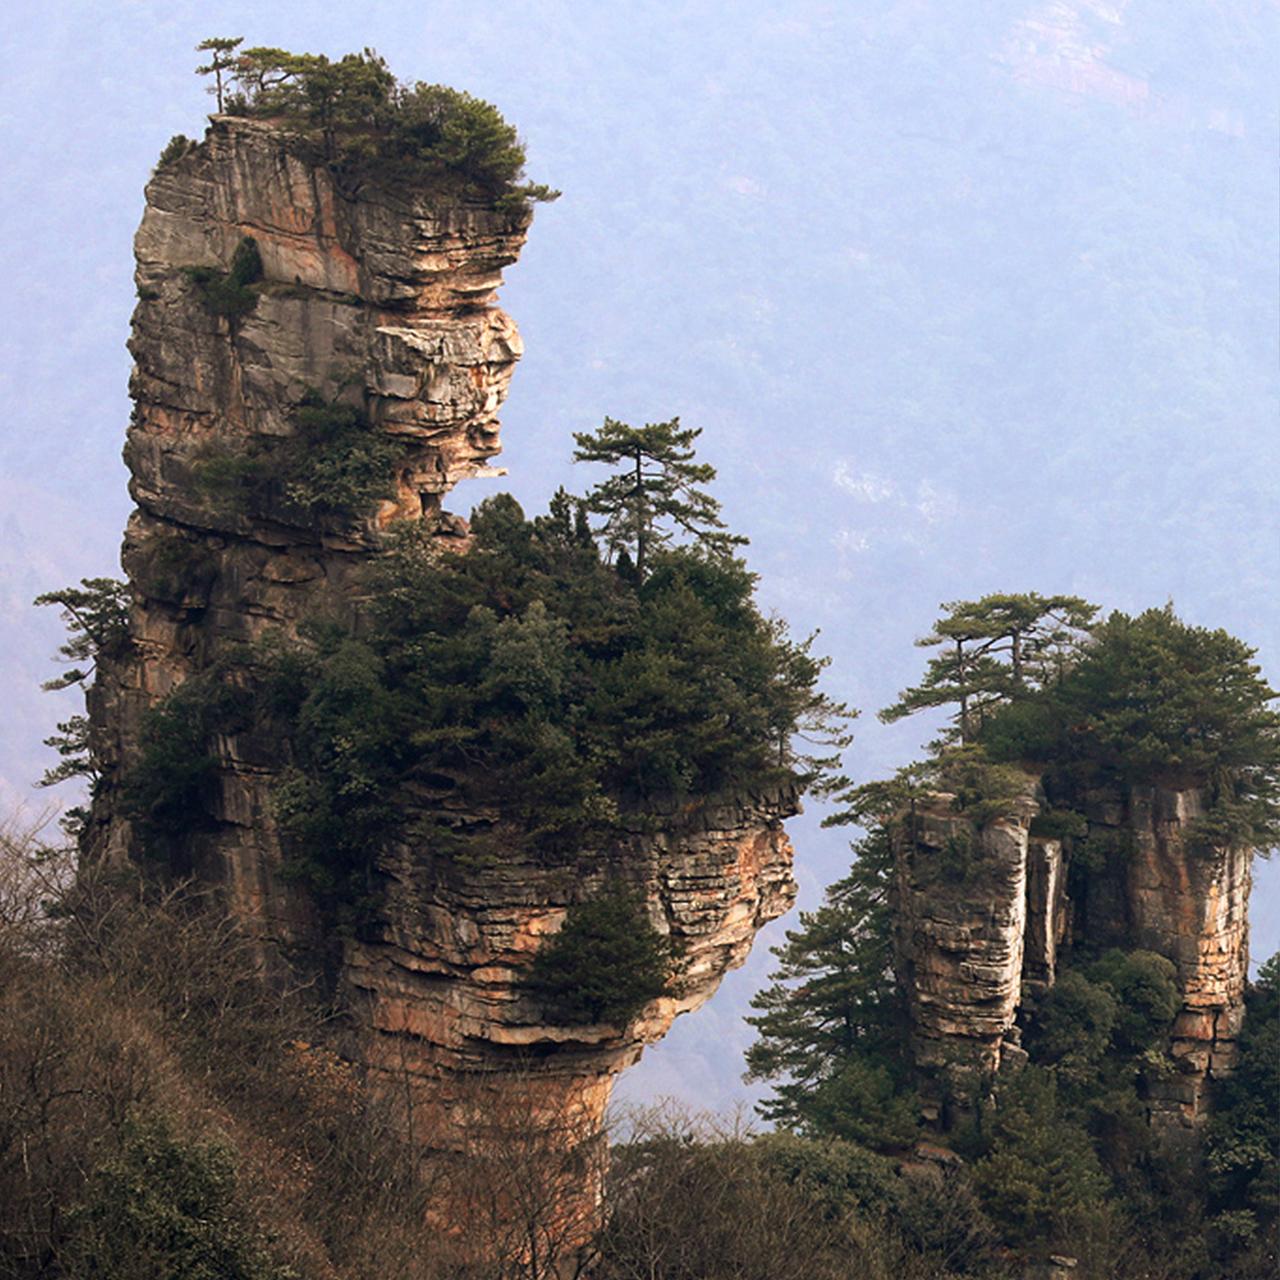 「ミライのキオク」安珠 vol.5 絶景世界自然遺産・張家界とiXpand